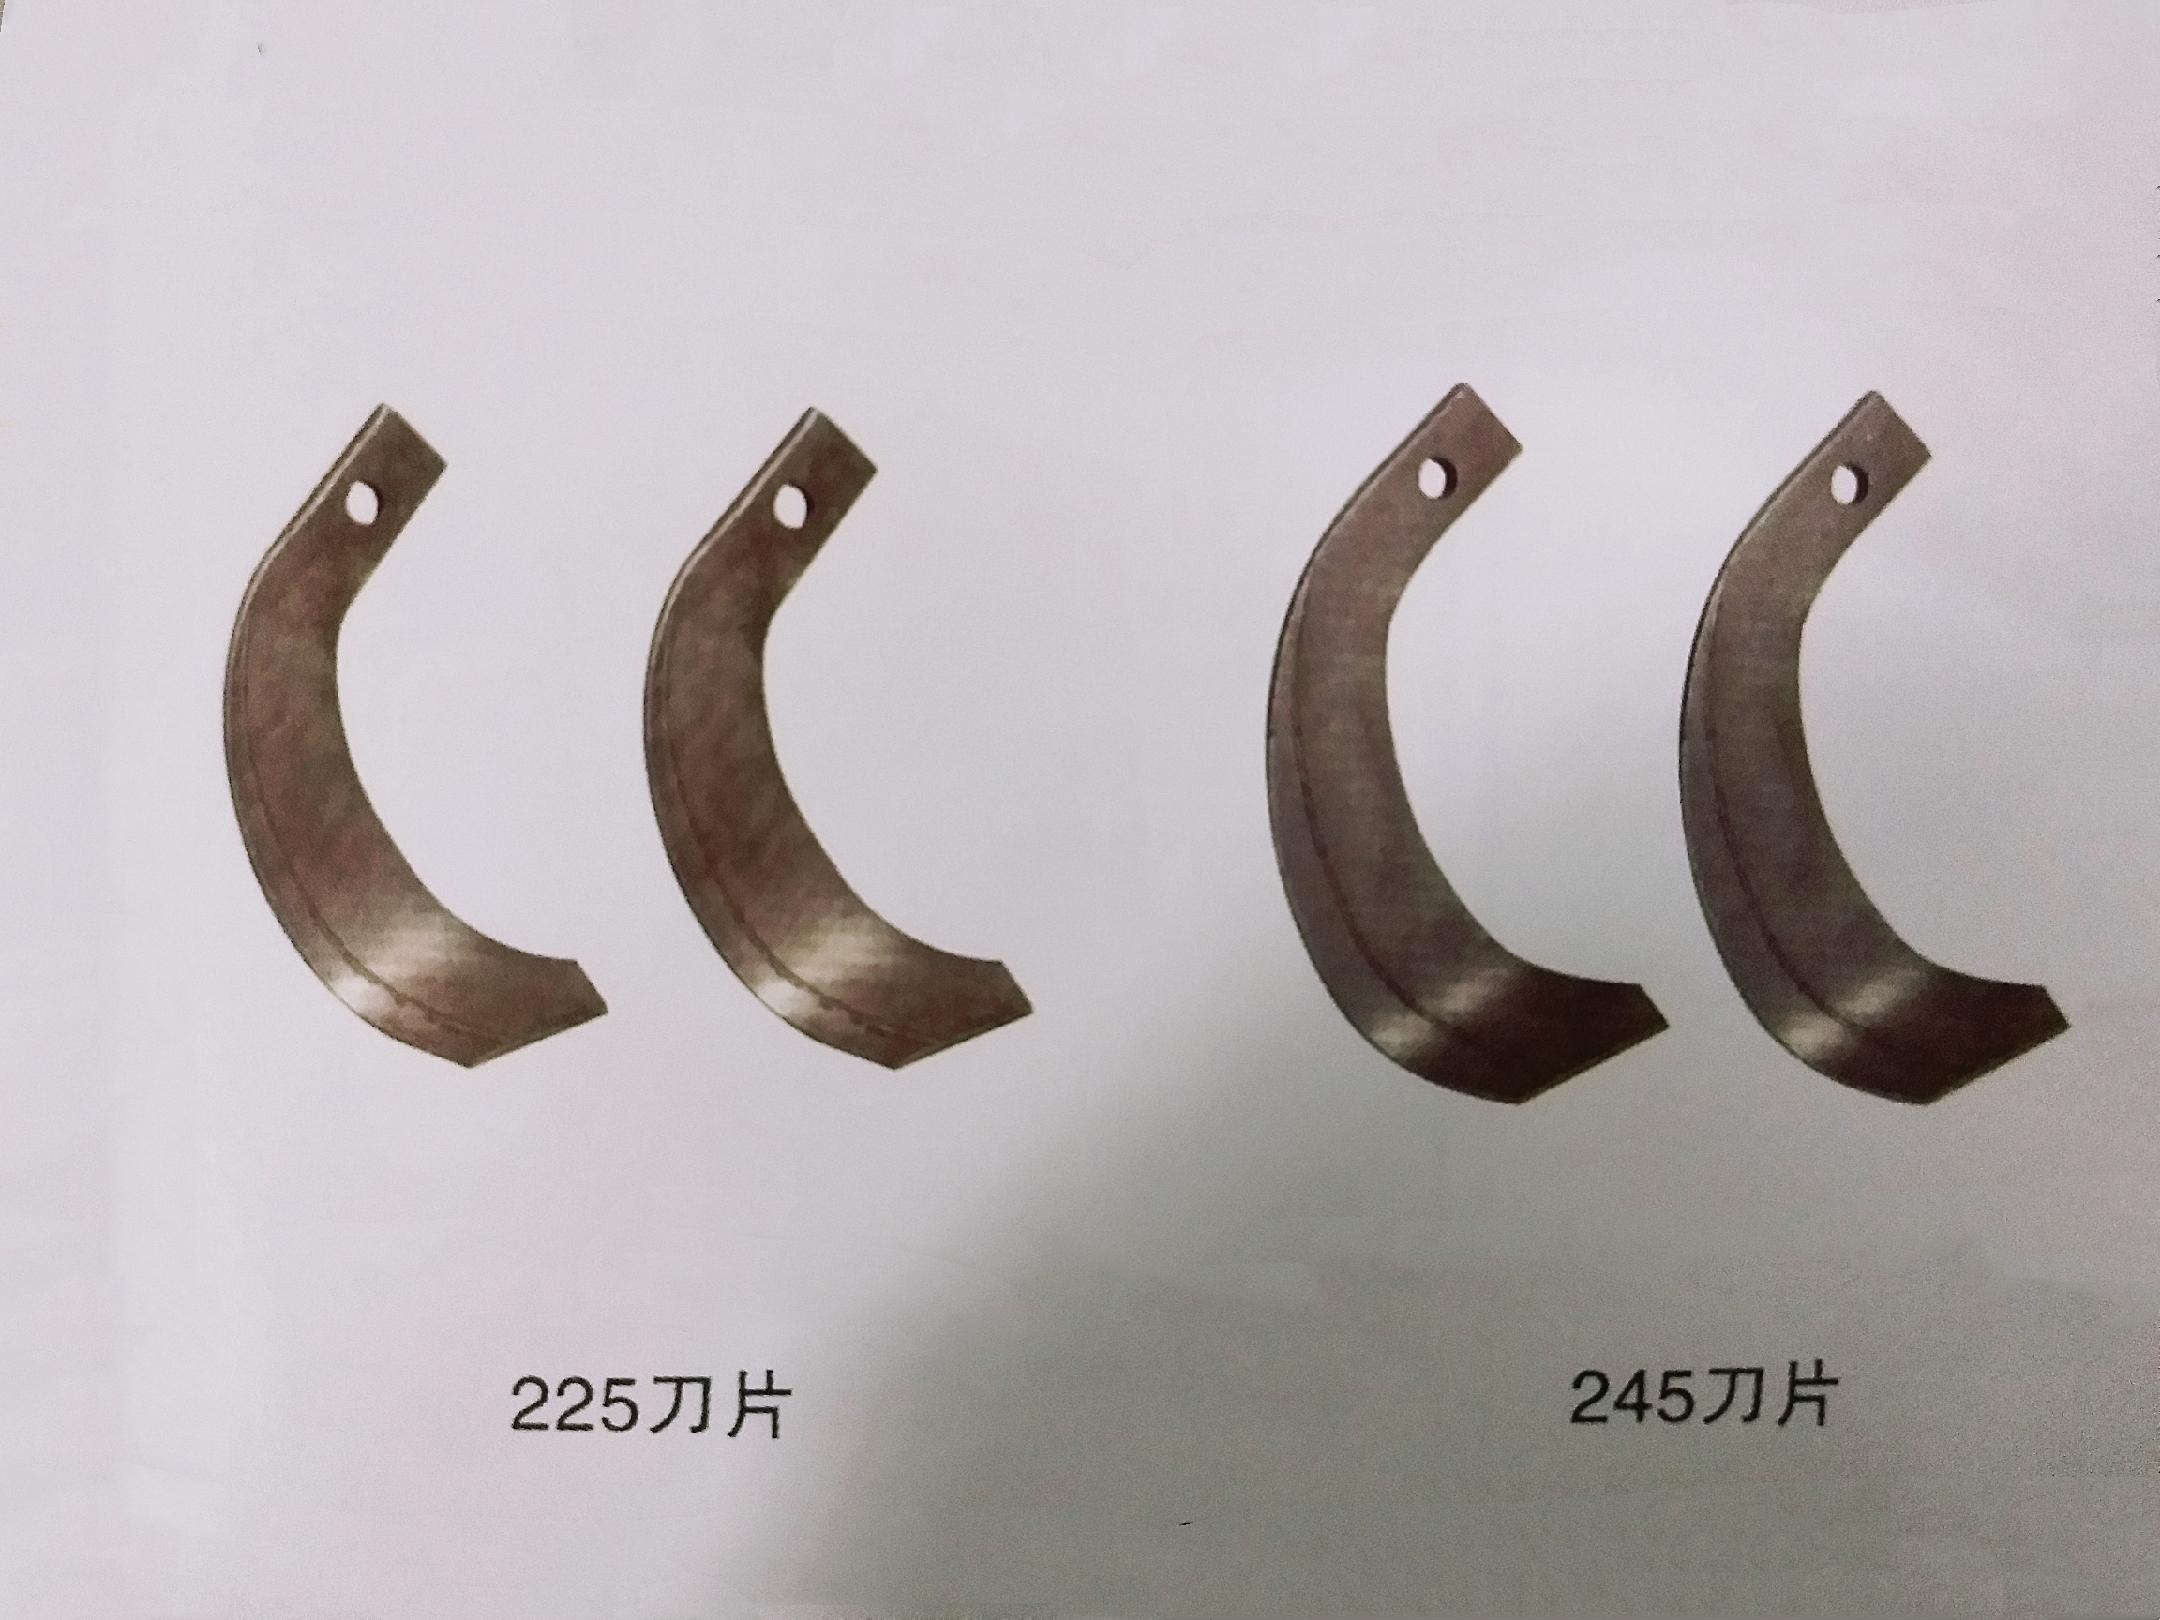 刀片 刀片型号 刀片生产厂家/价格